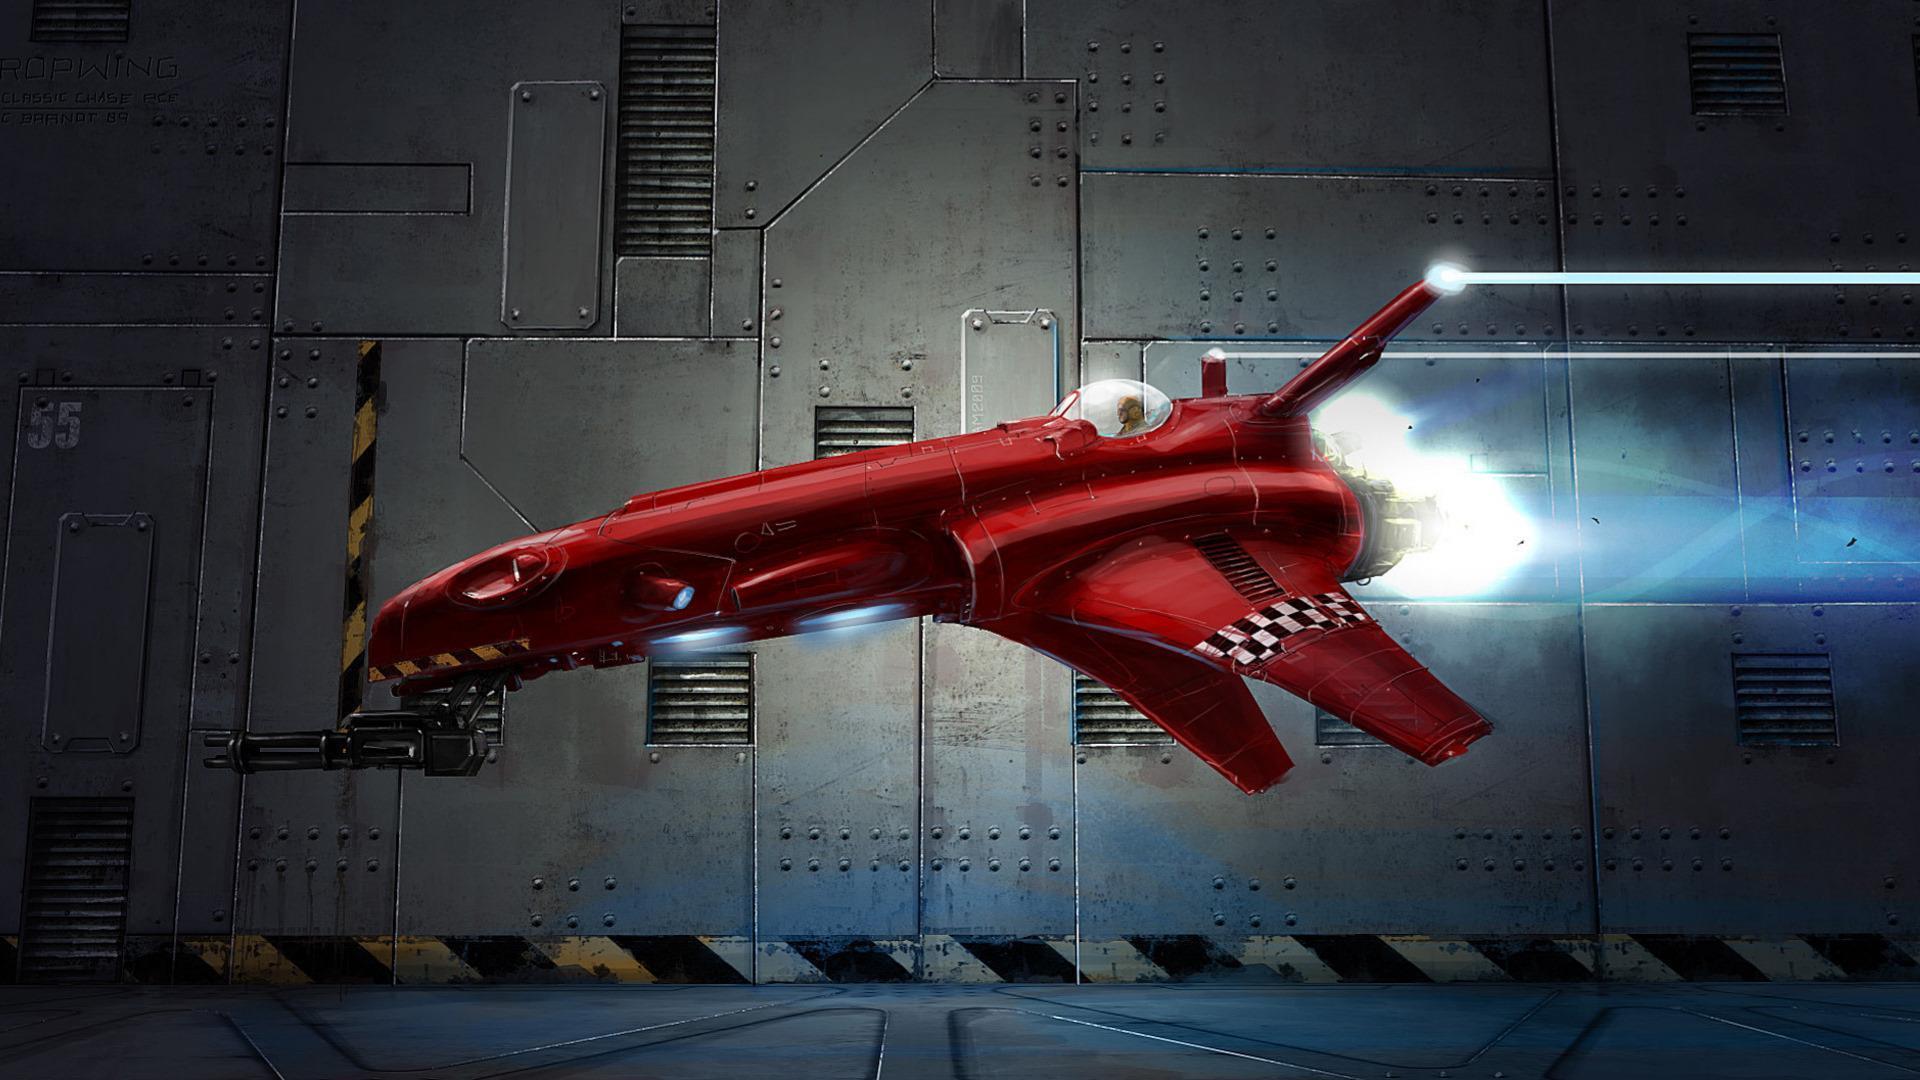 avions-de-chasse_avions-militaires_photos-HD_09